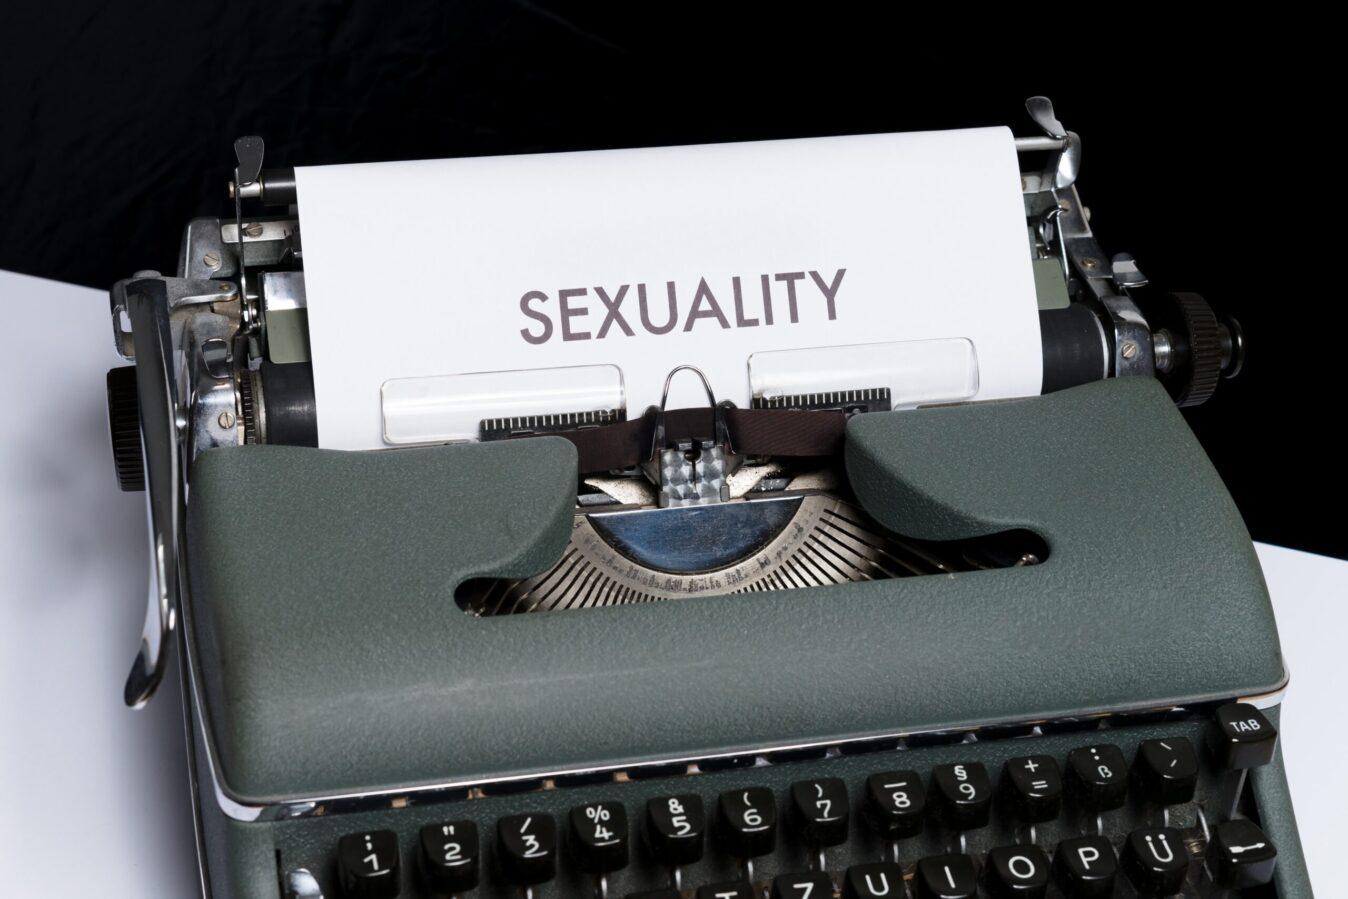 Várj vagy ne várj a szexszel házasságig?